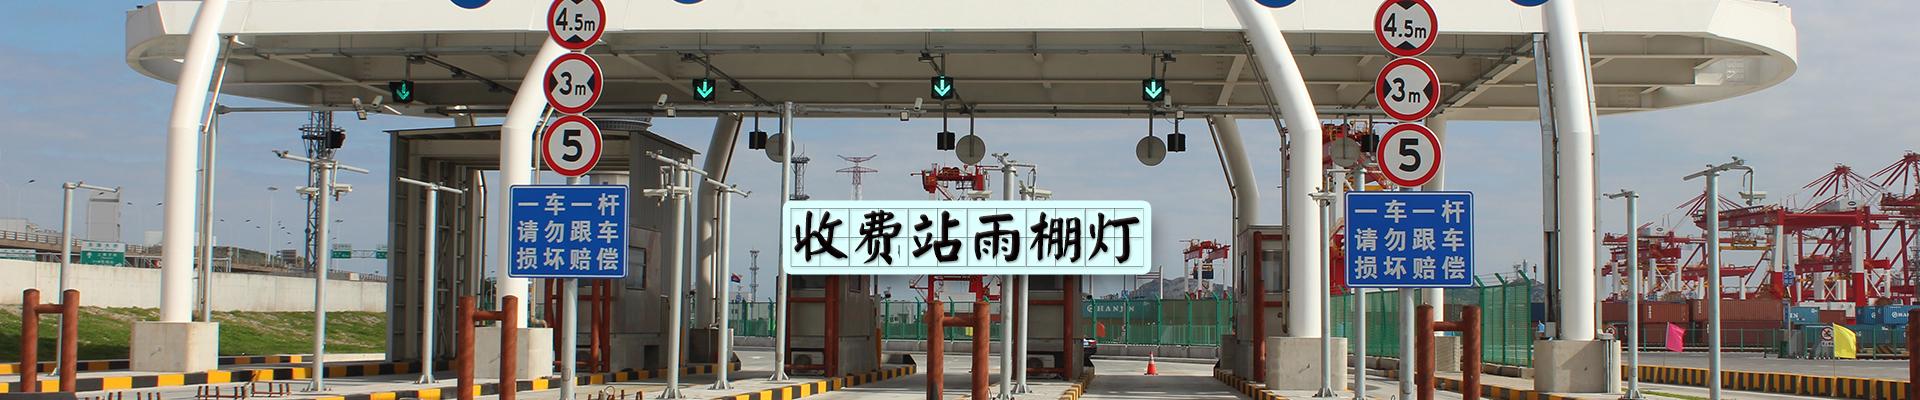 宁夏11选5注册